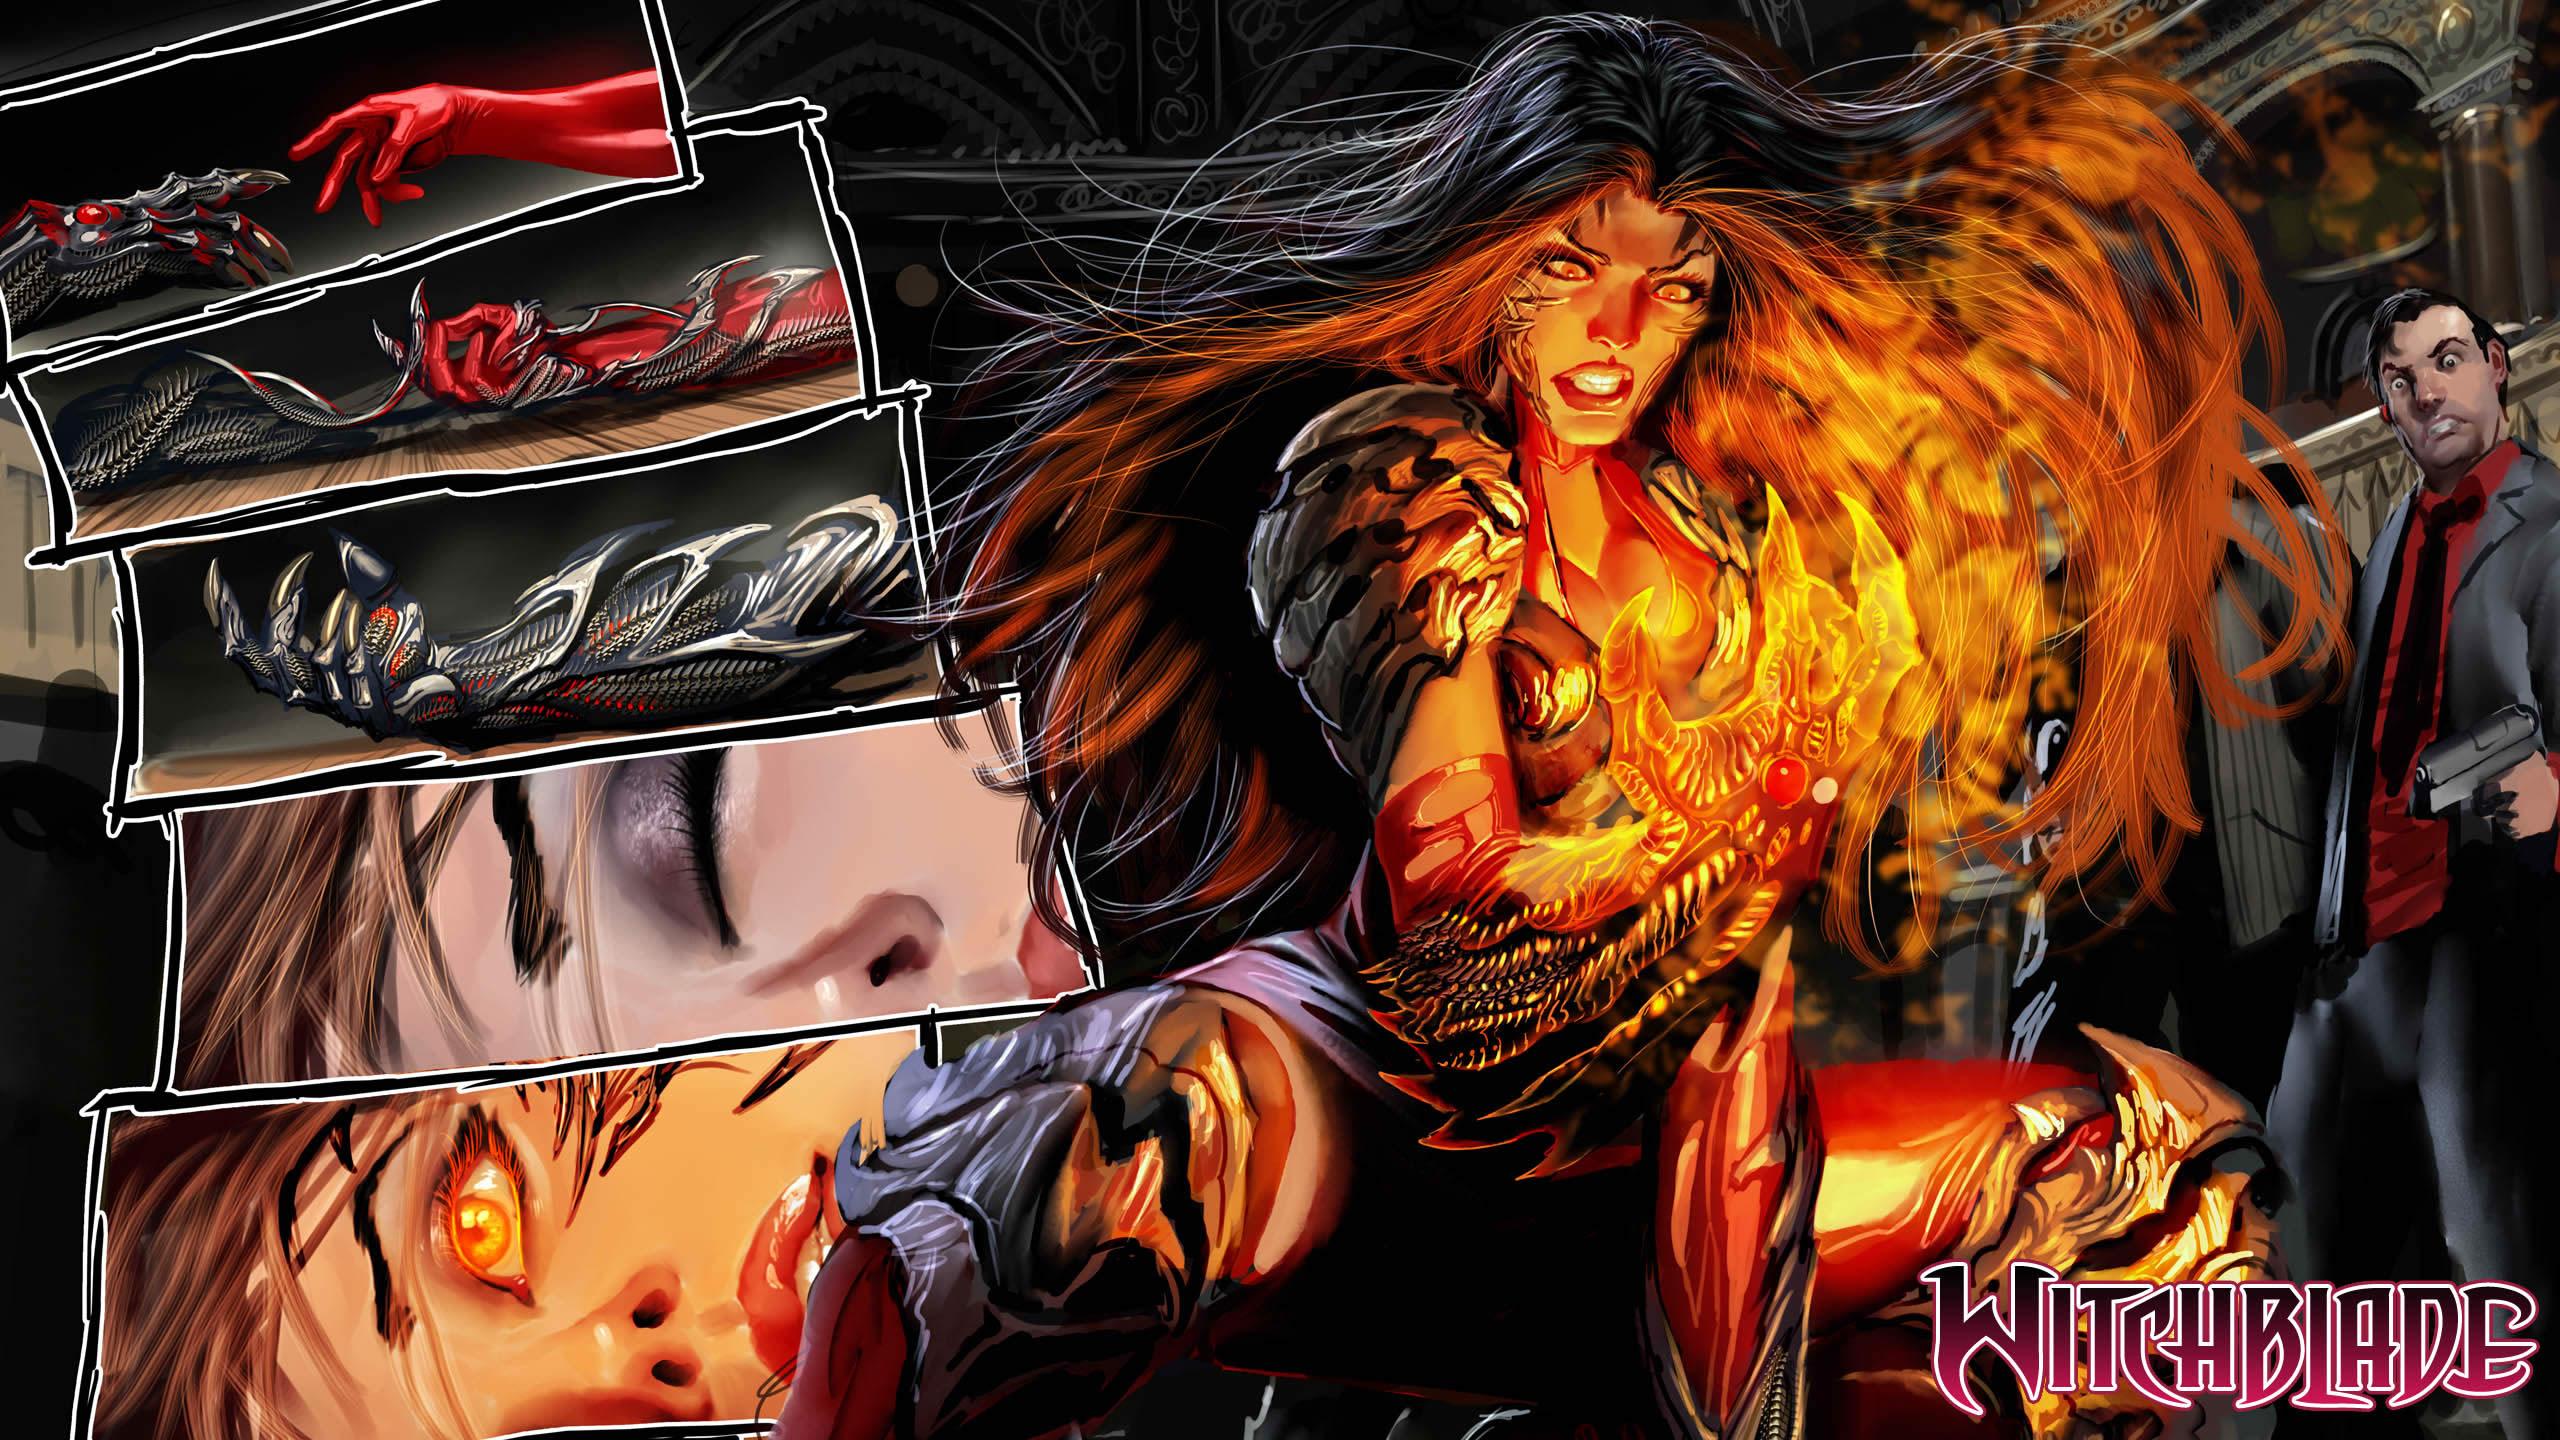 superhero magic fire warriors women sexy babes wallpaper background 2560x1440